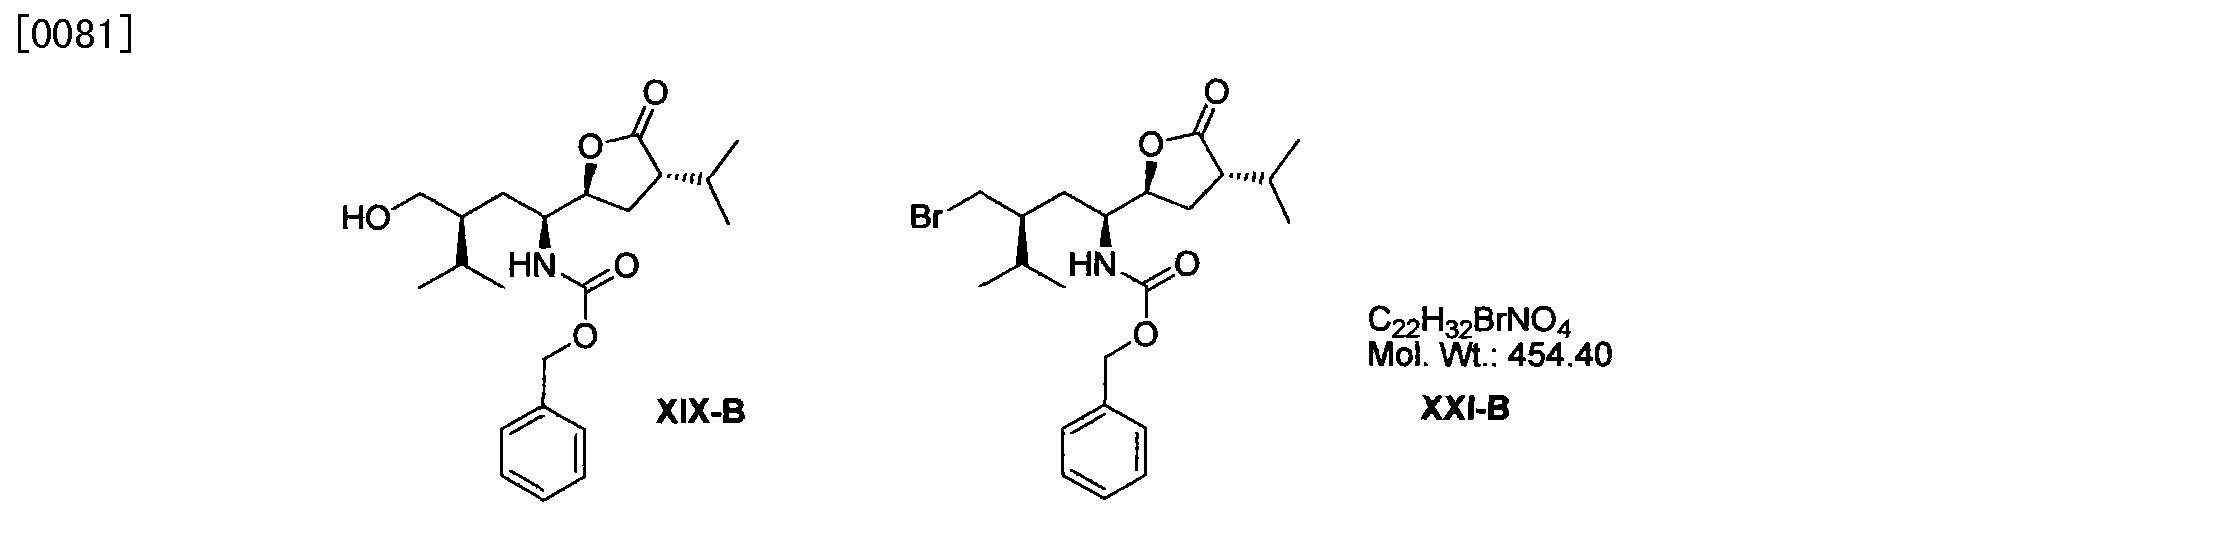 Figure CN101774986BD00112